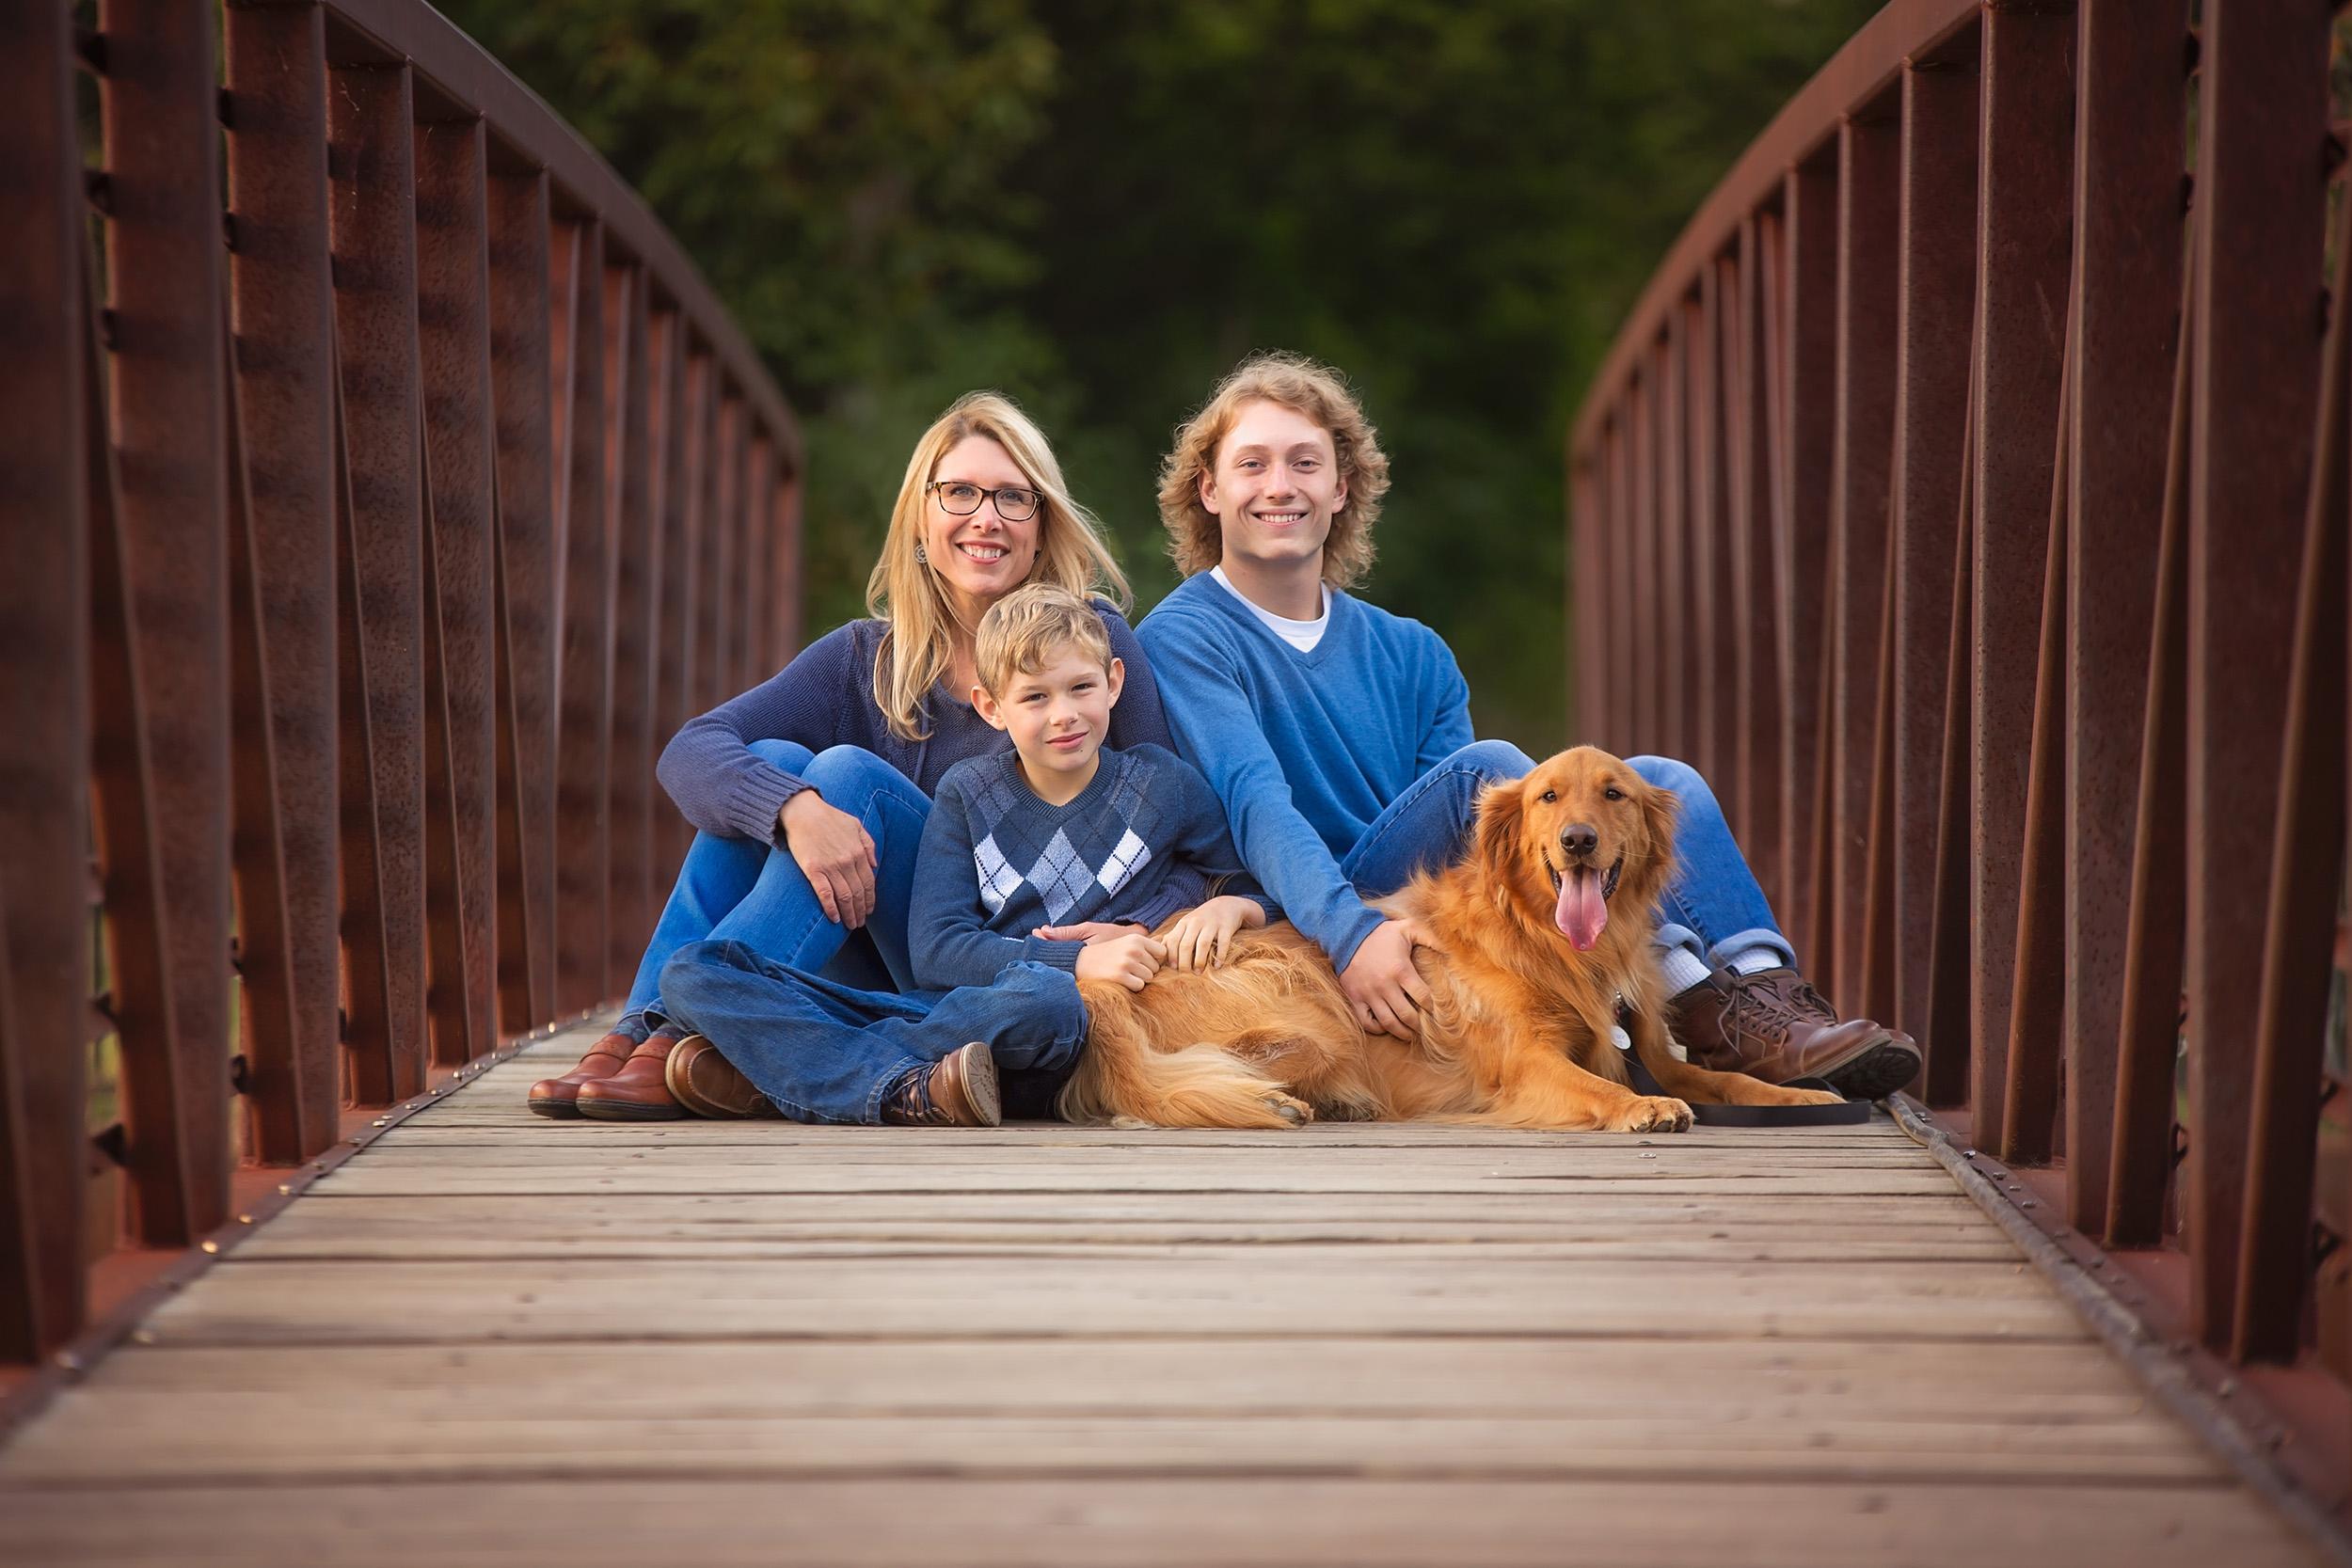 fall-family-photography-springfield-missouri.jpg